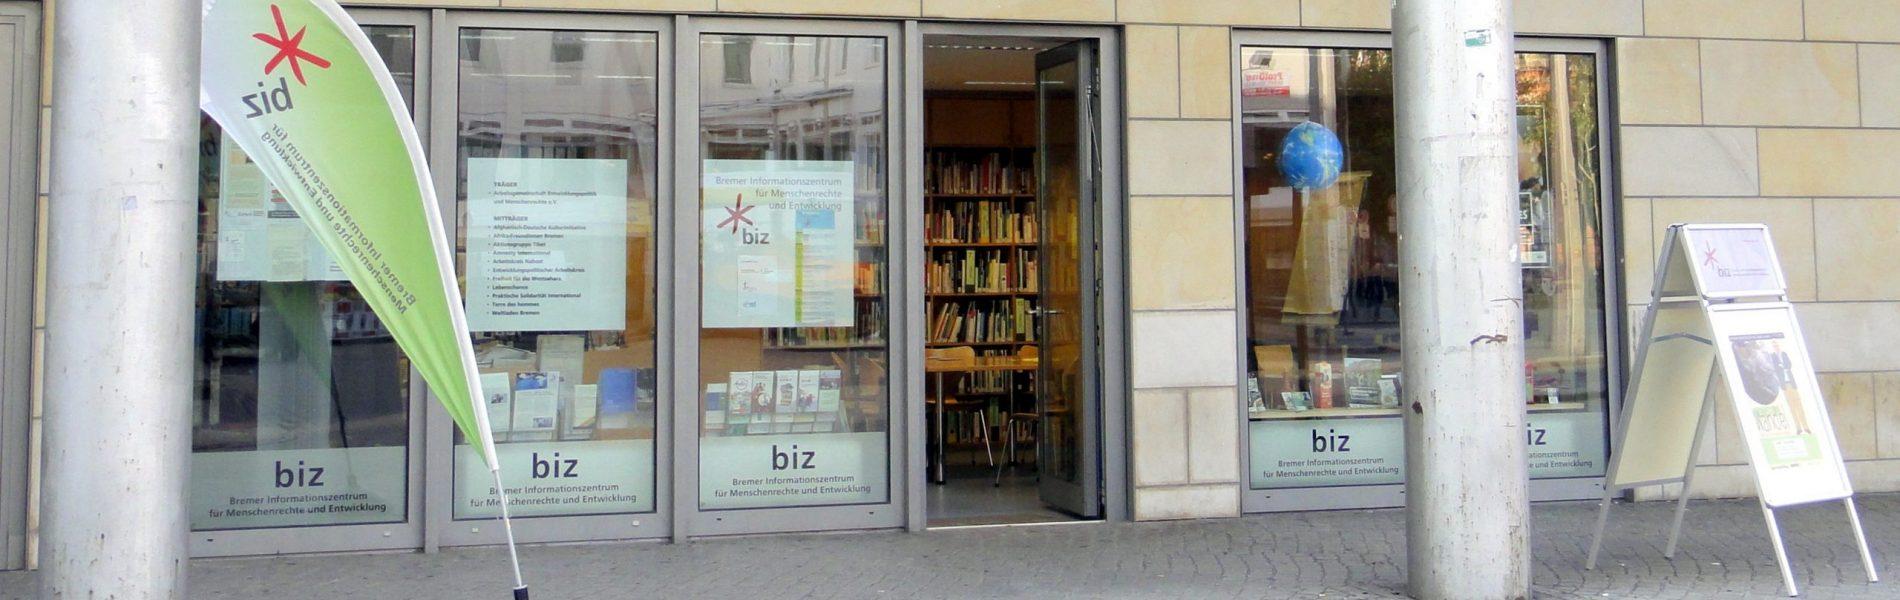 Auf dem Bild sieht man das Bremer Informationszentrum für Menschenrechte und Entwicklung.